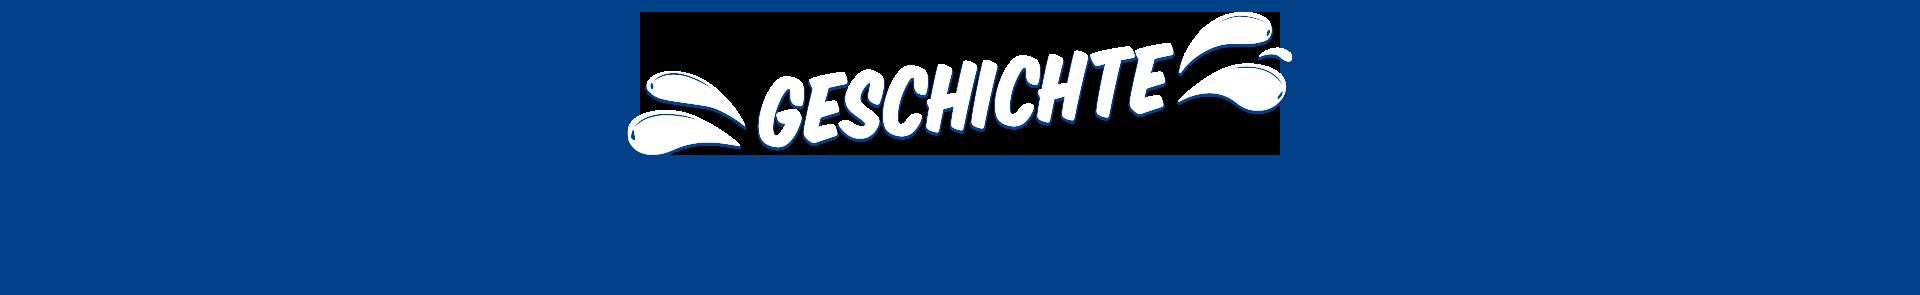 18465-CS_Website_Abbildungen_DE_Geschichte